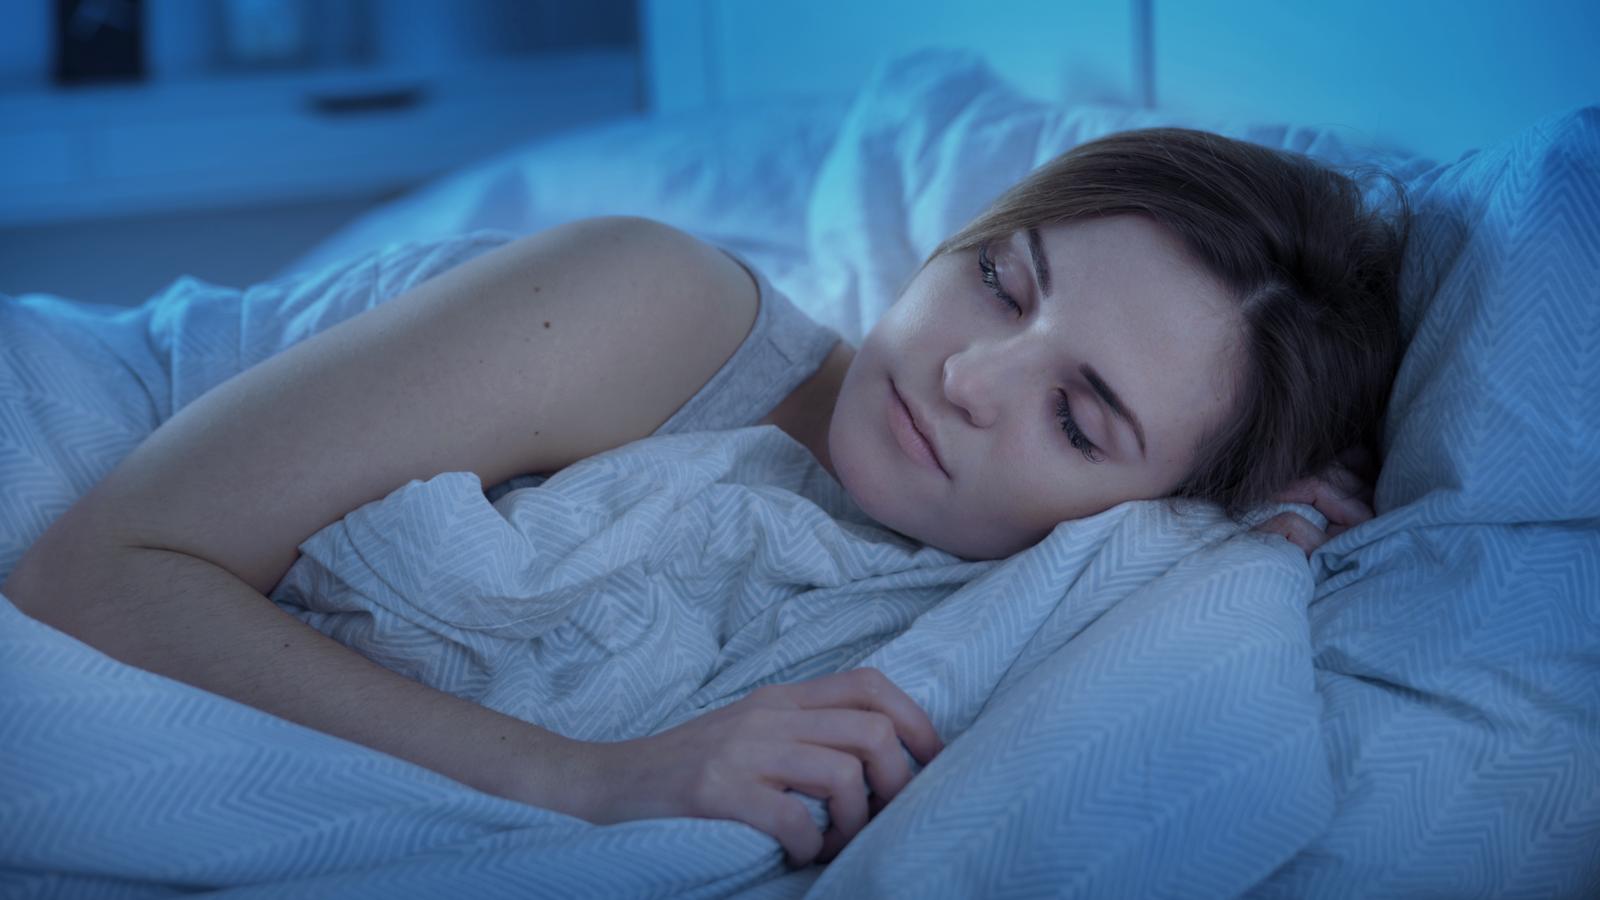 شخص ينام بهدوء في سريره ليلا